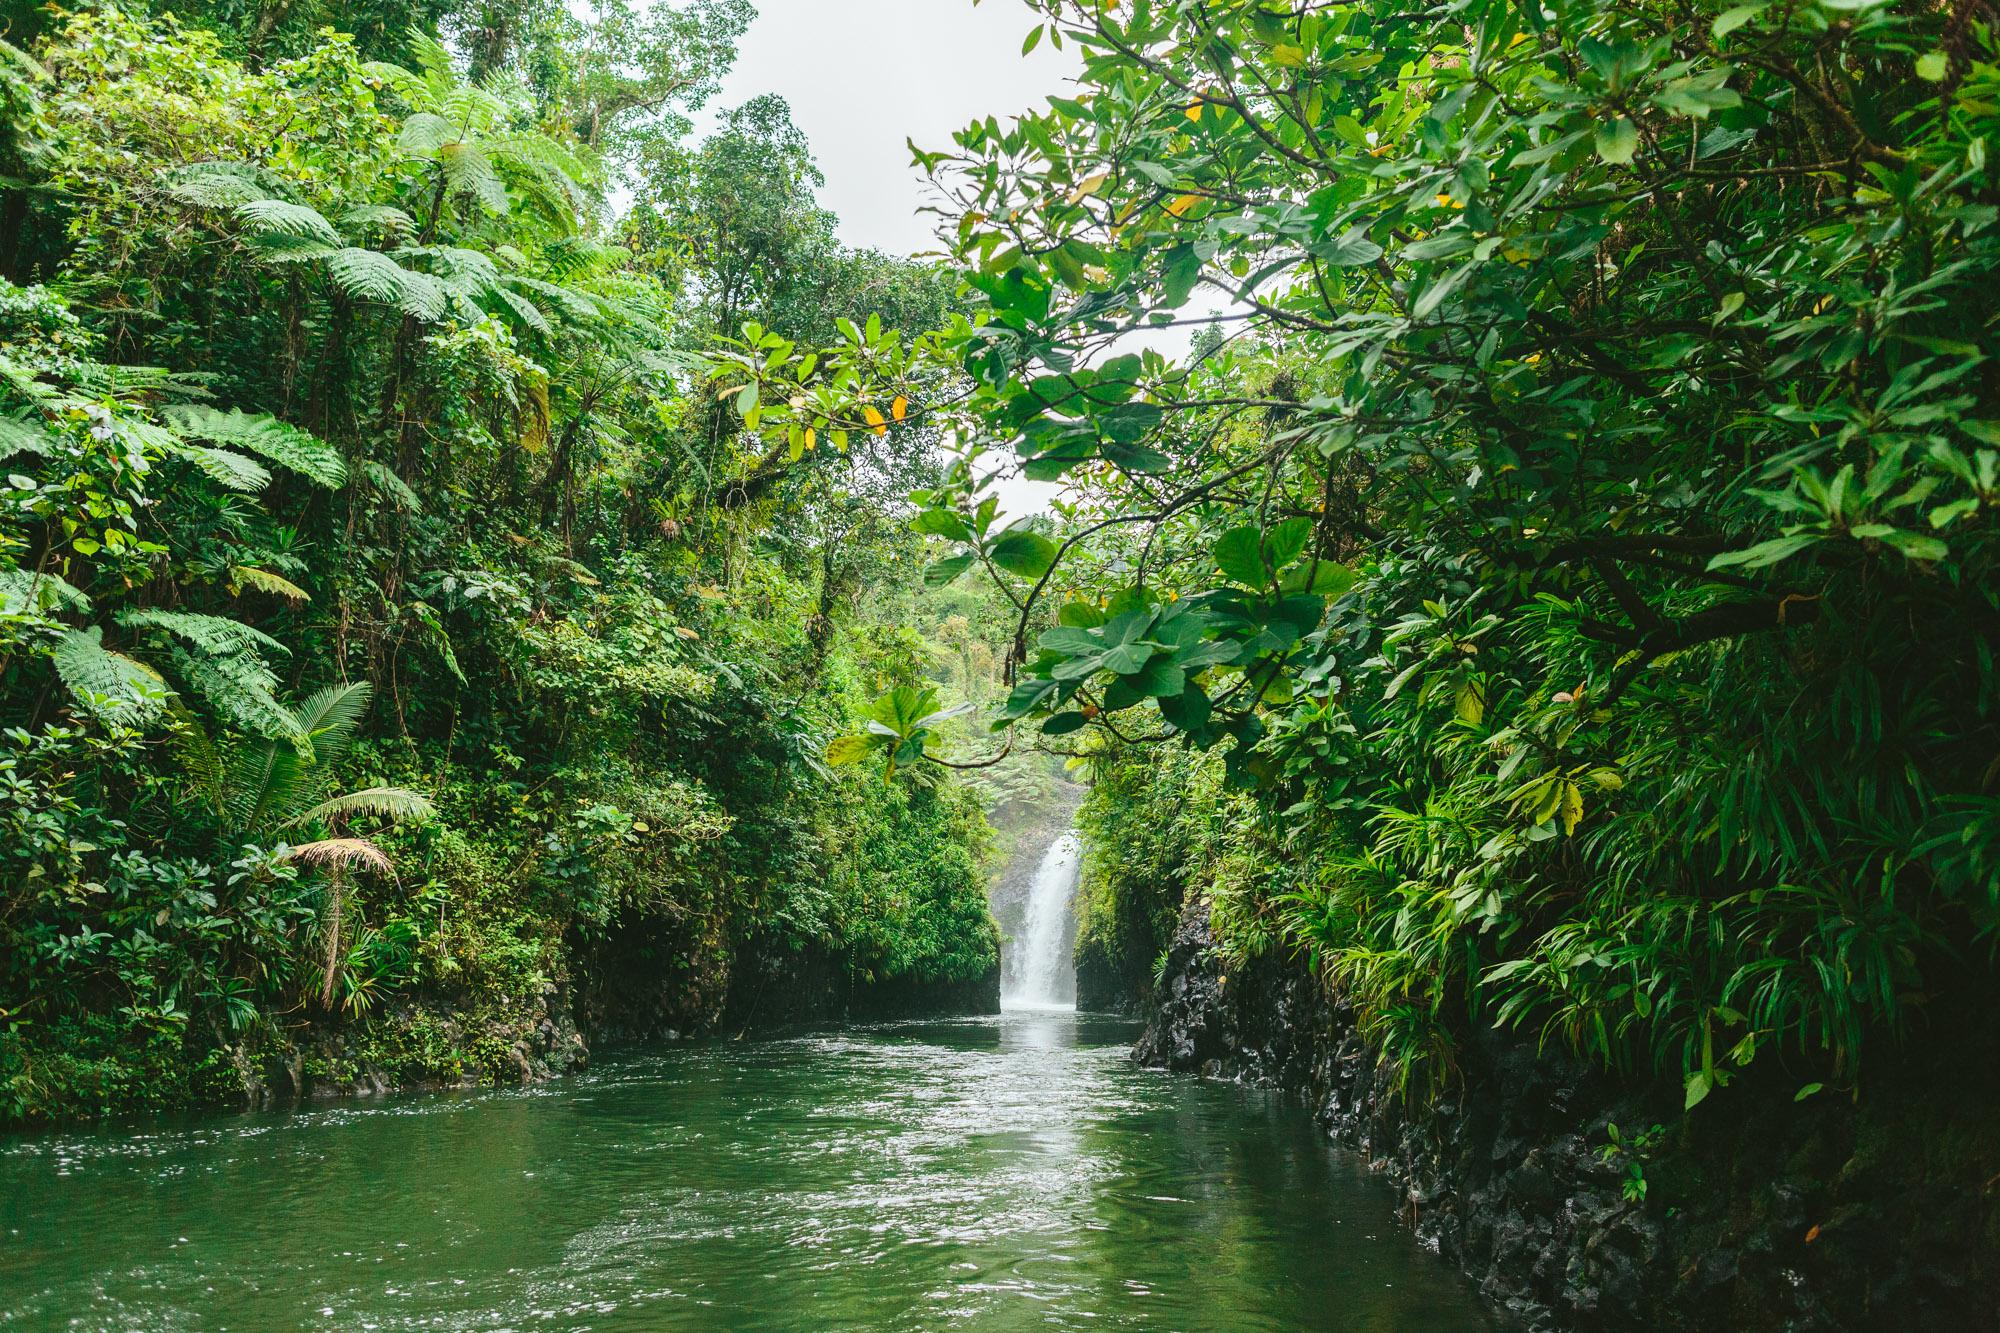 Lavena Coastal Walk Waterfall - Taveuni Insider Day Trip - The Remote Resort Fiji Islands